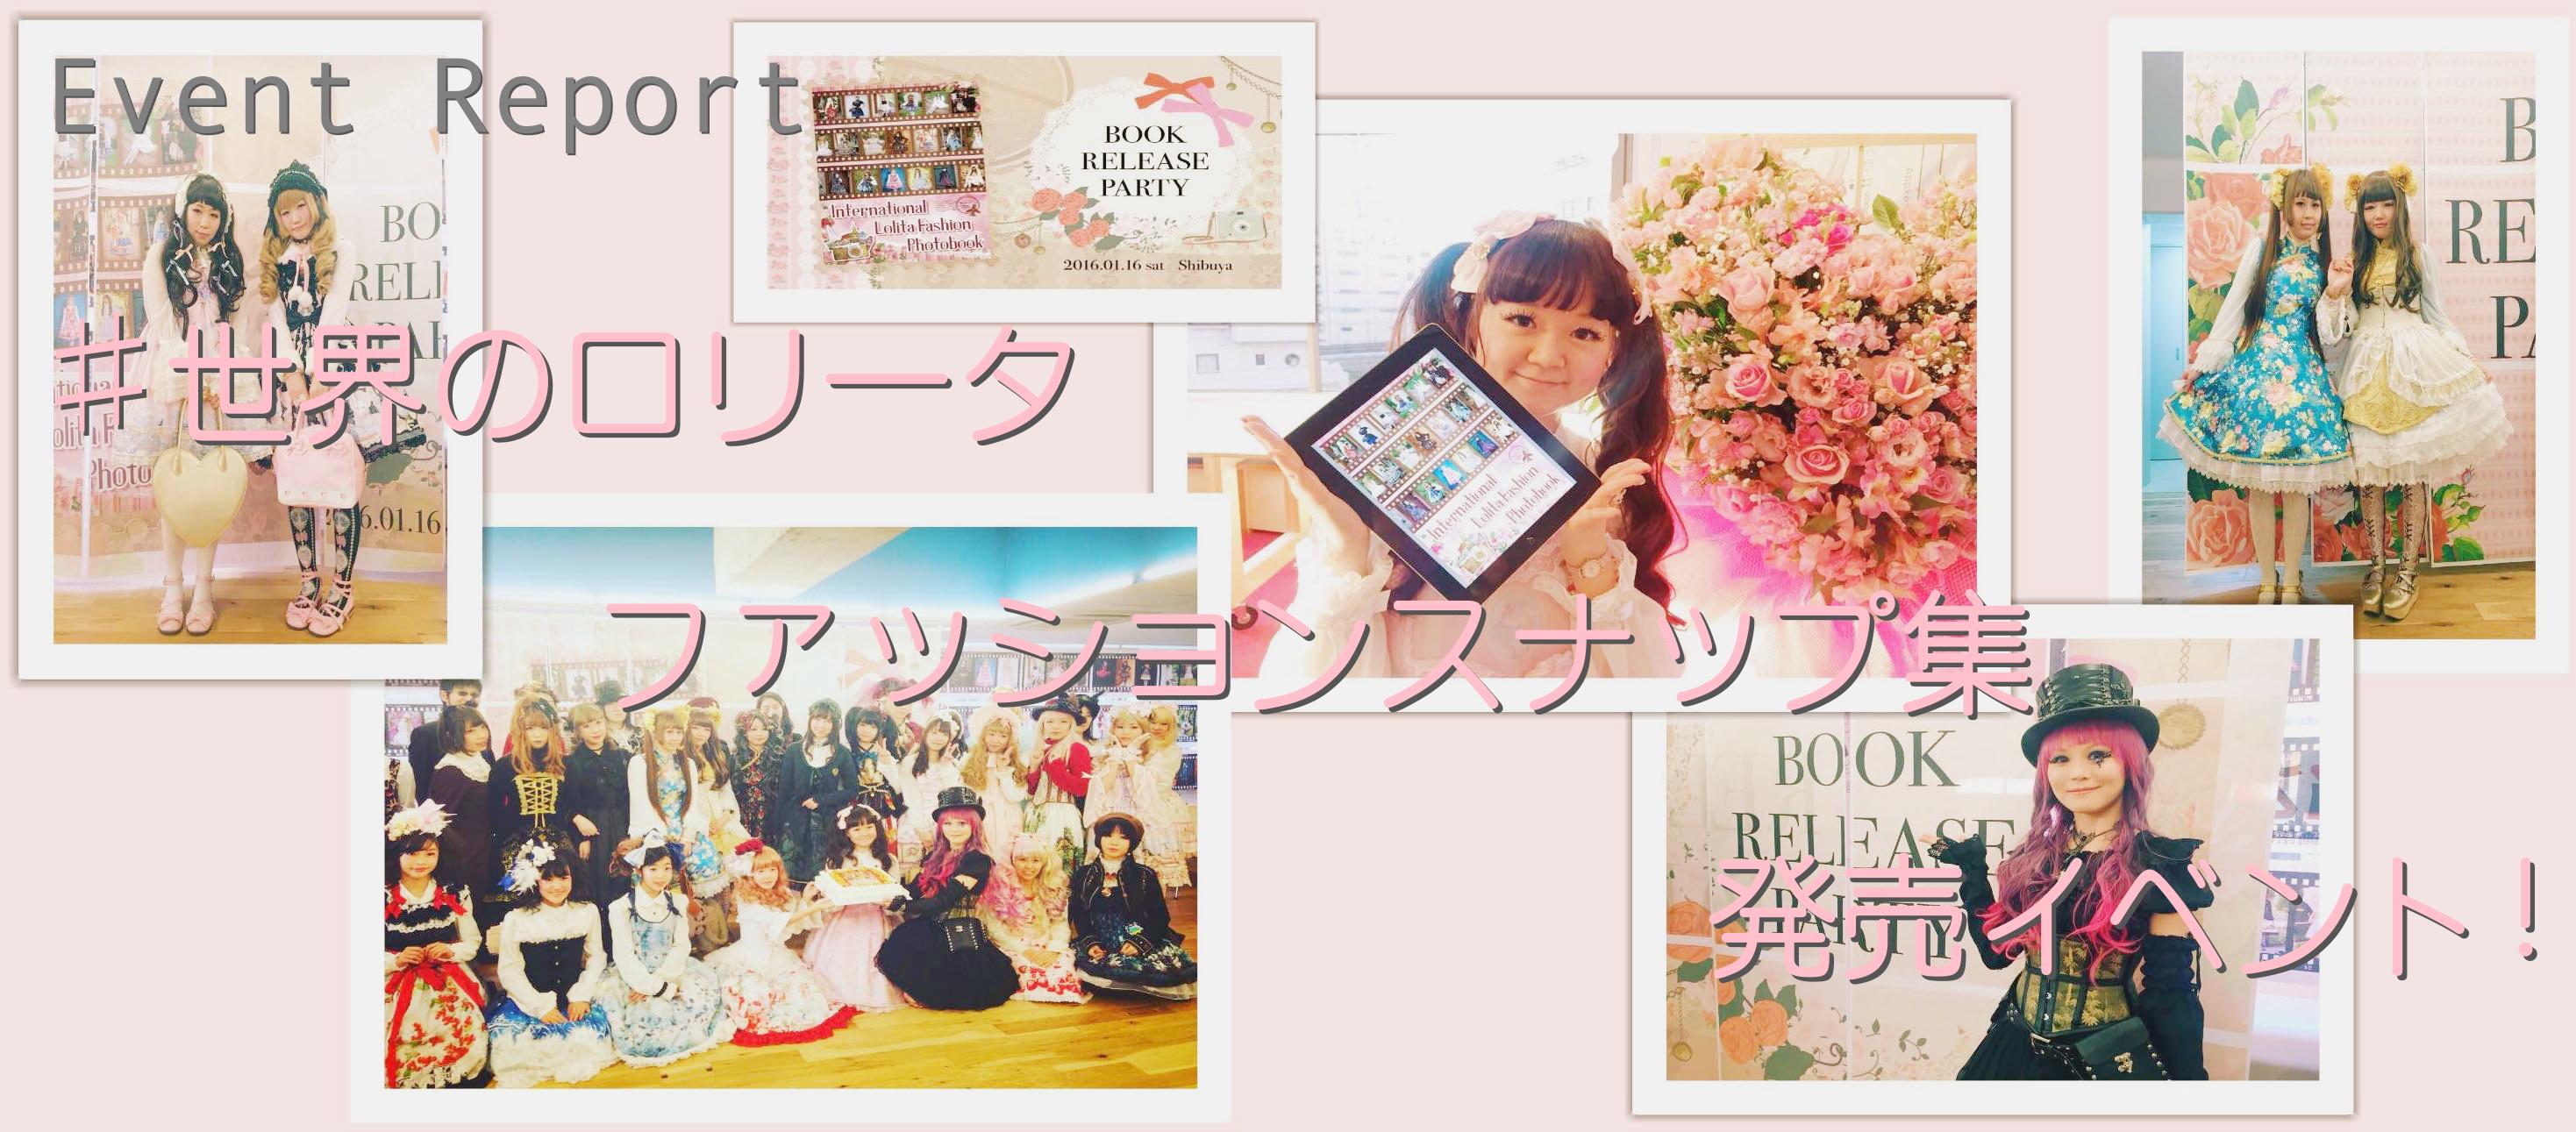 【ファッション】♯世界のロリータ ファッションスナップ集 発売イベント!